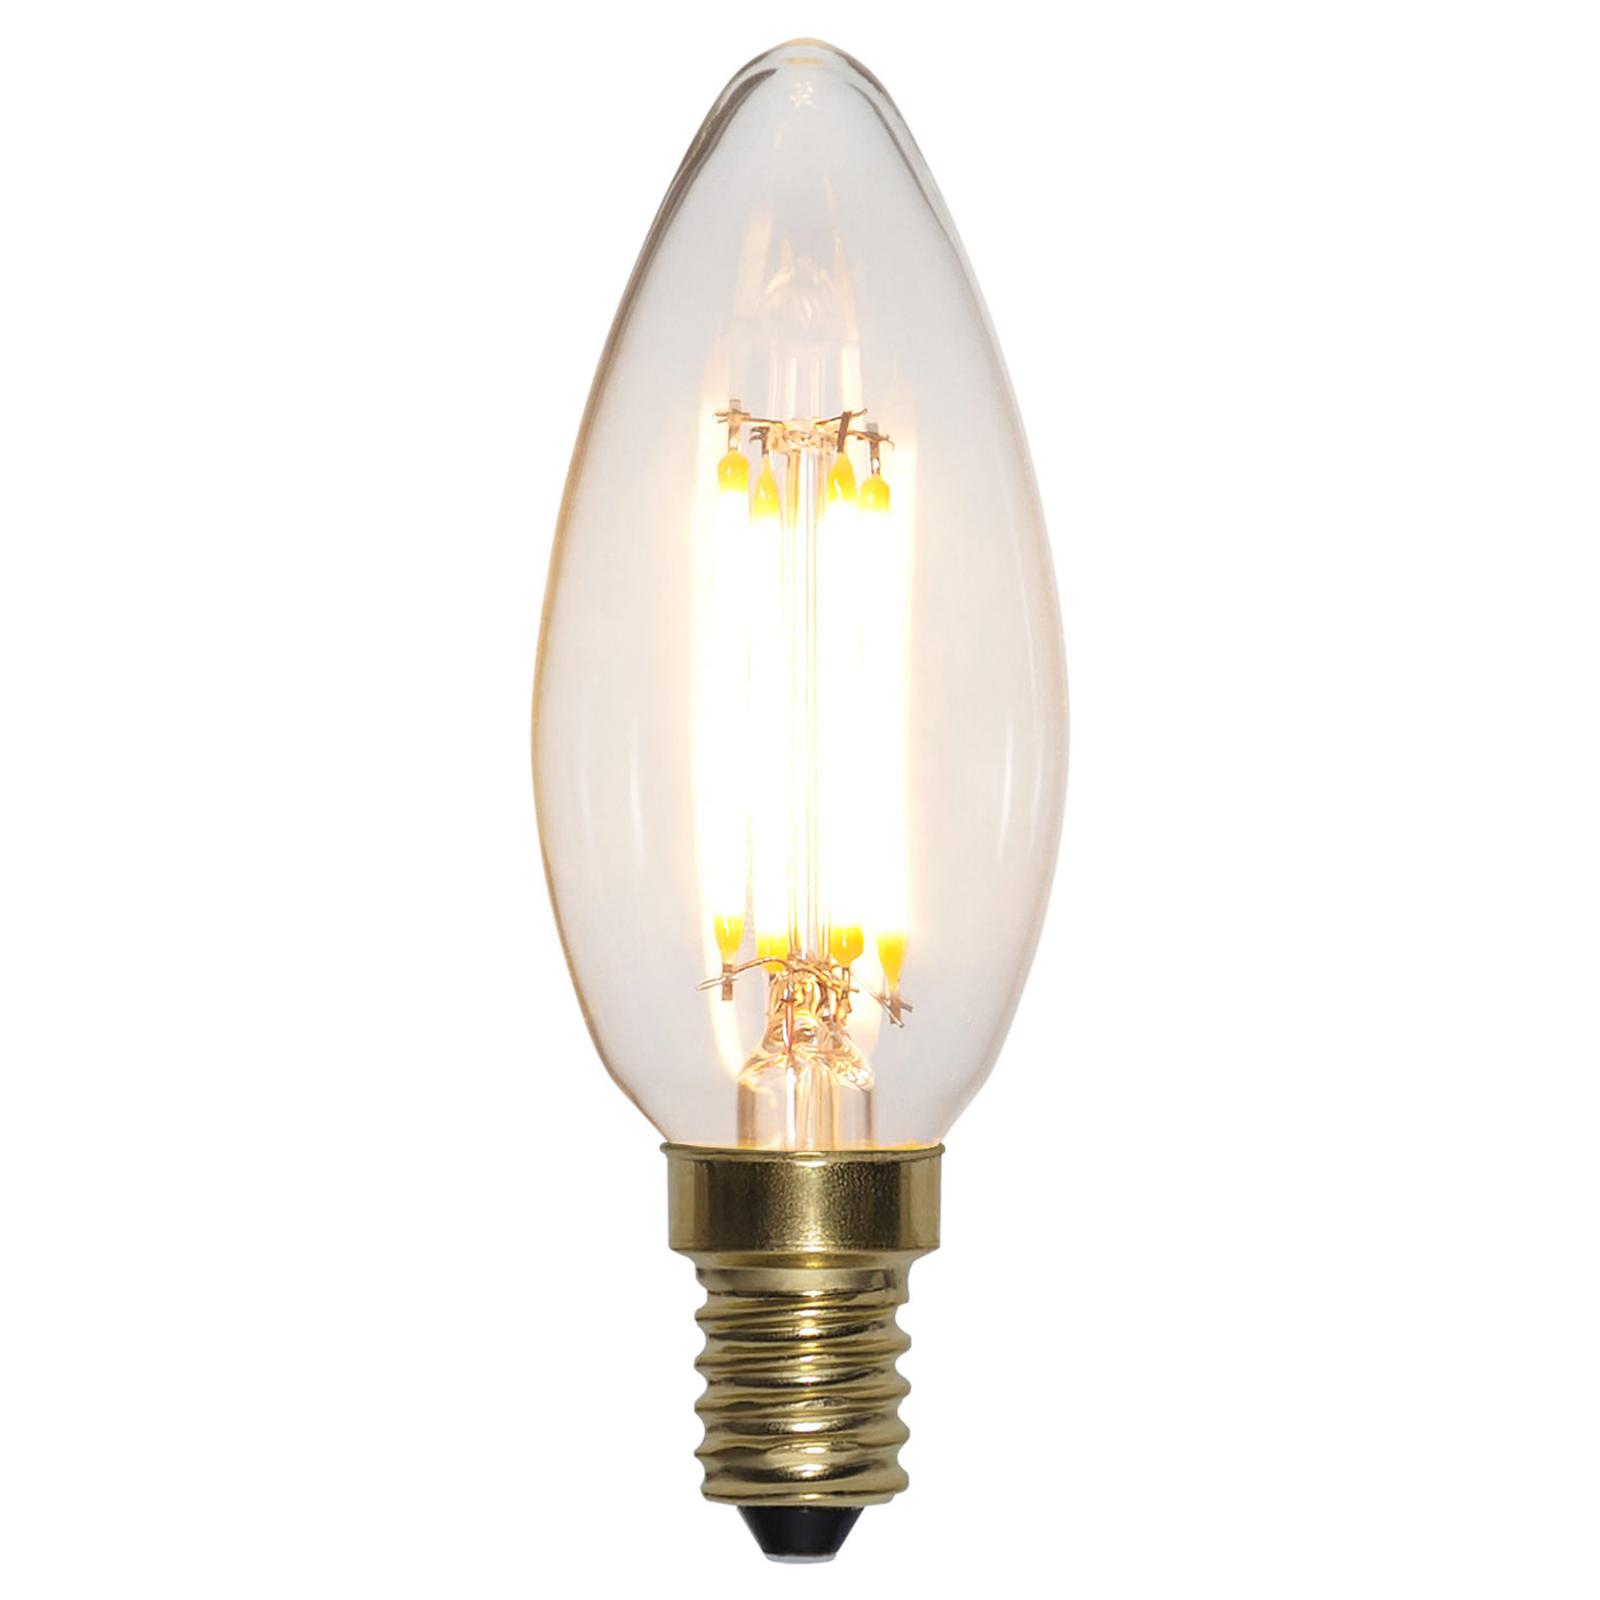 Soft Glow LED-kerte E14 4W 2.100K, dæmpes i 3 trin